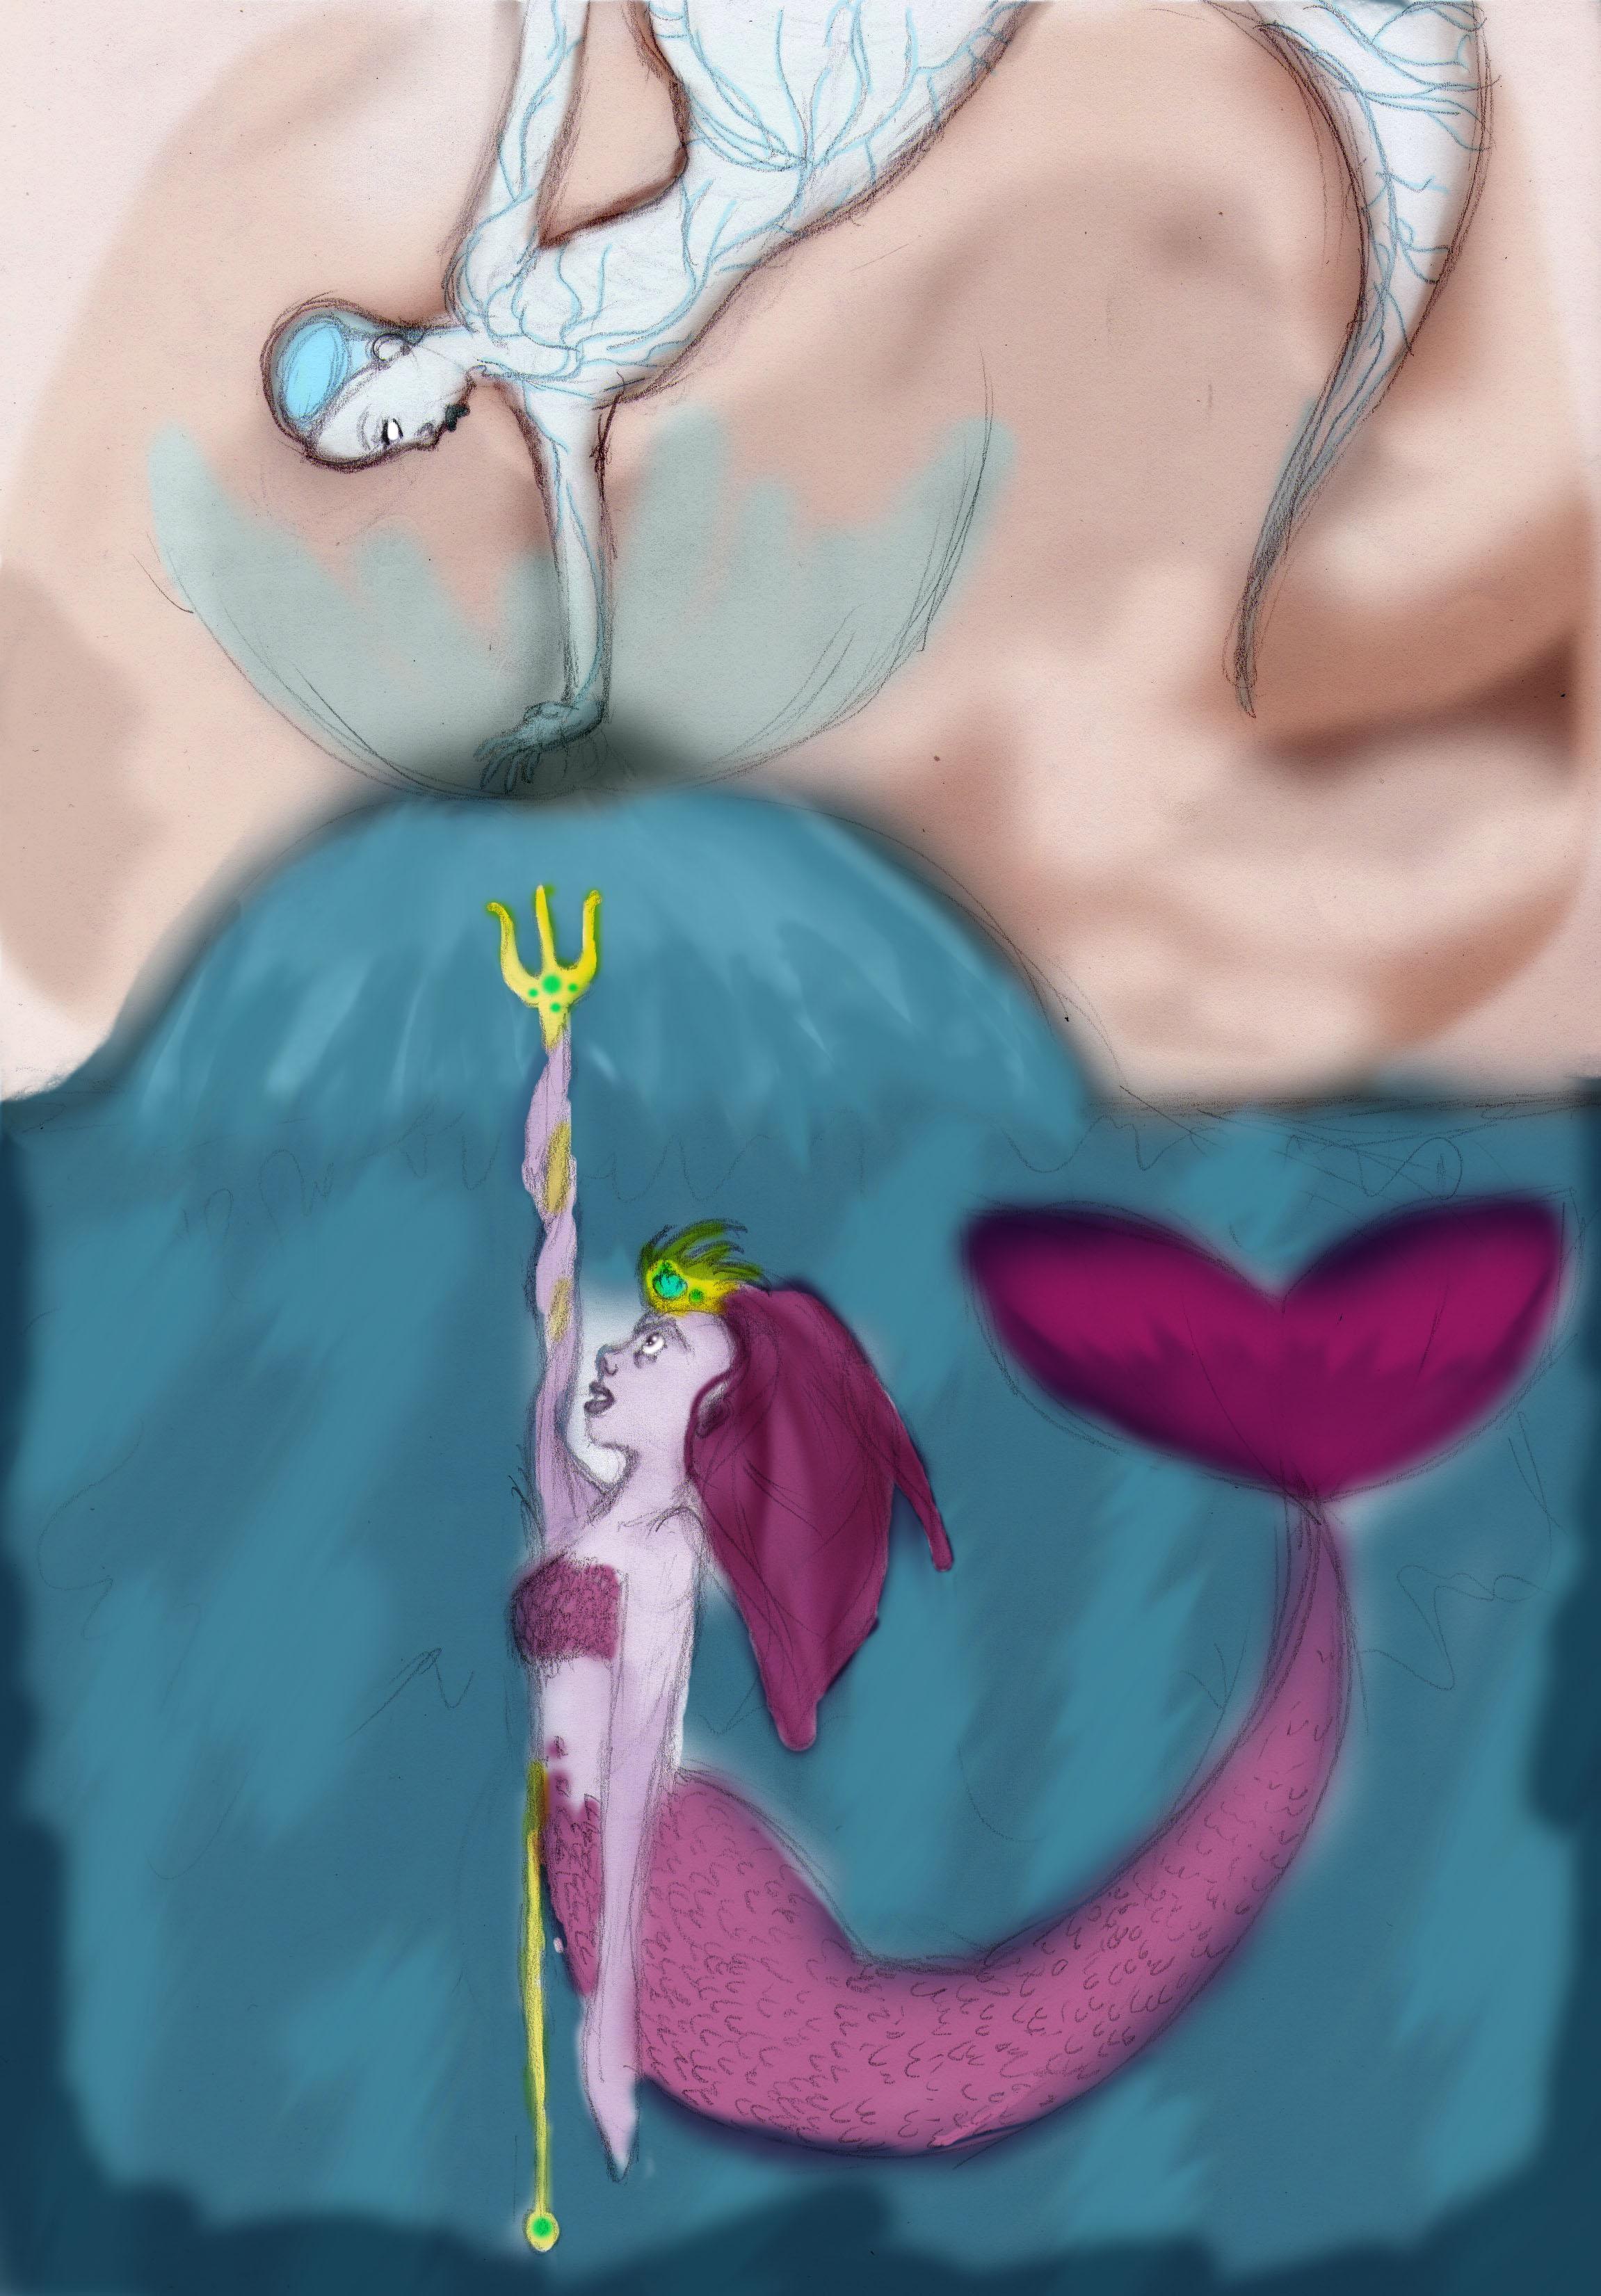 apocalipse mermaids battle